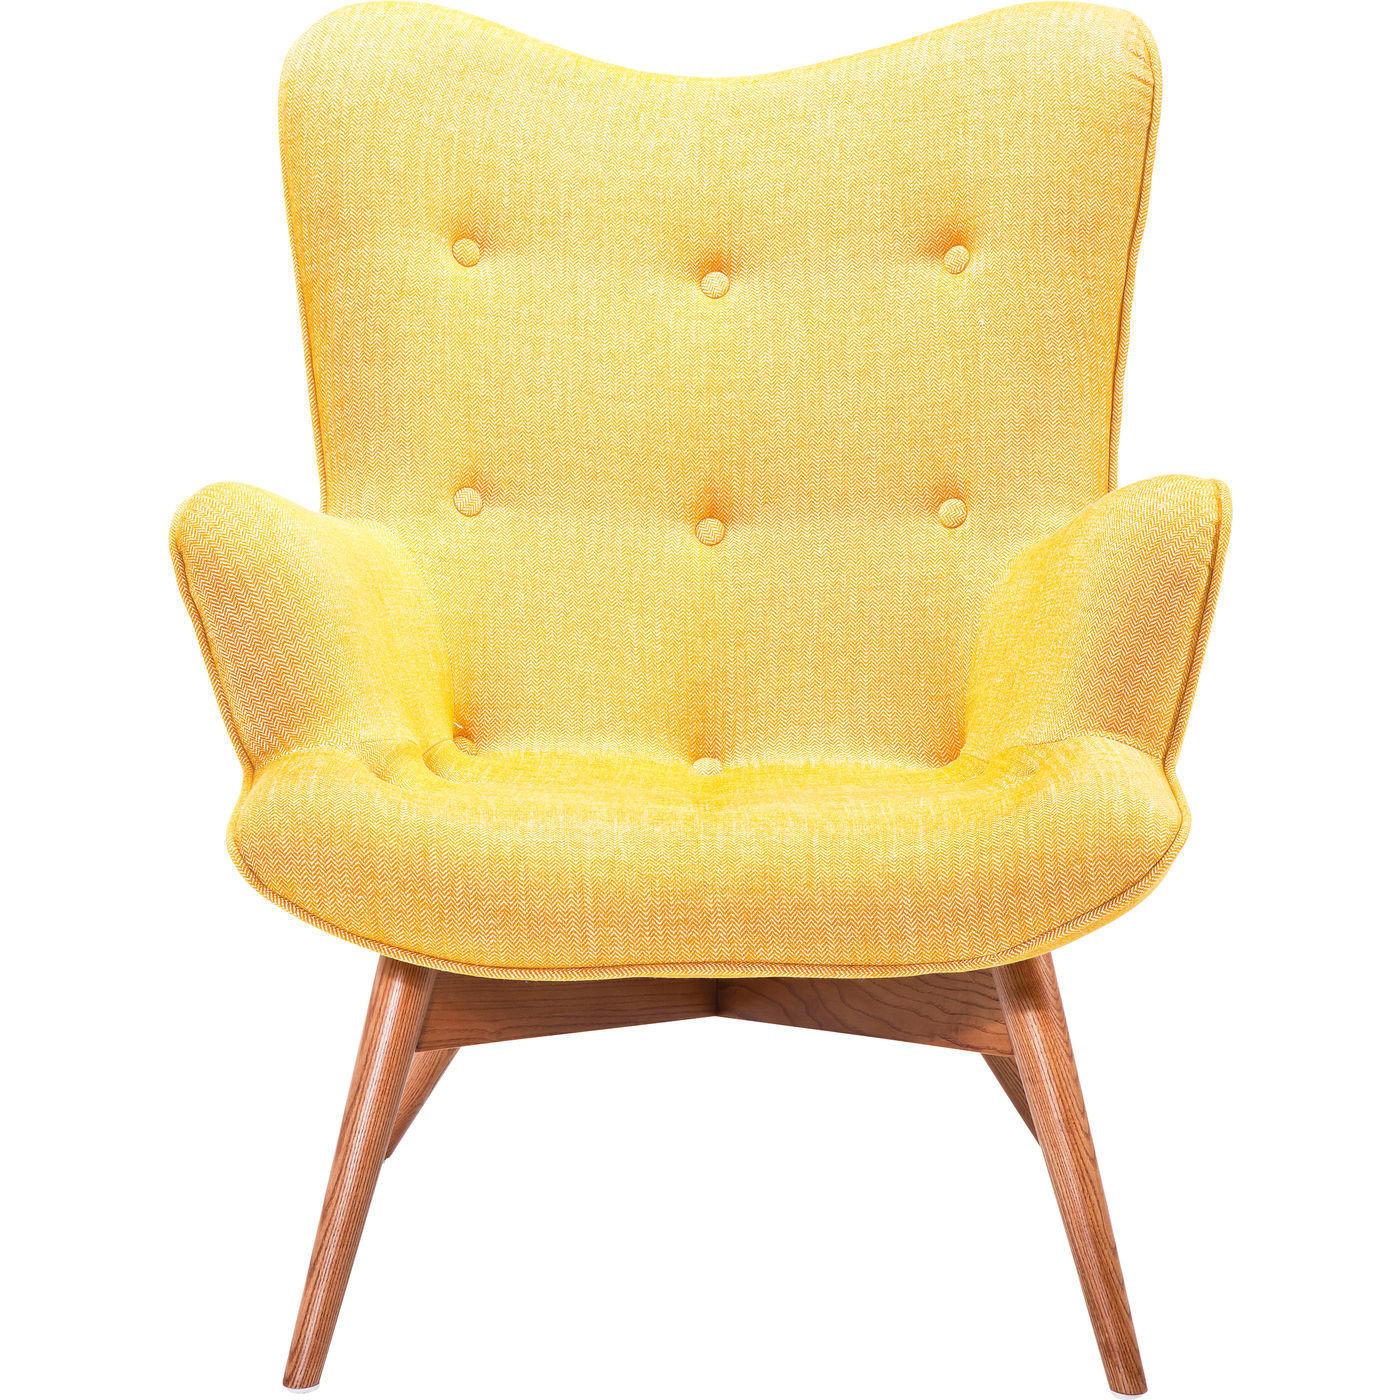 Schön Ausgefallene Sessel Beste Wahl Angels Wings Rhythm Mustard | Design |